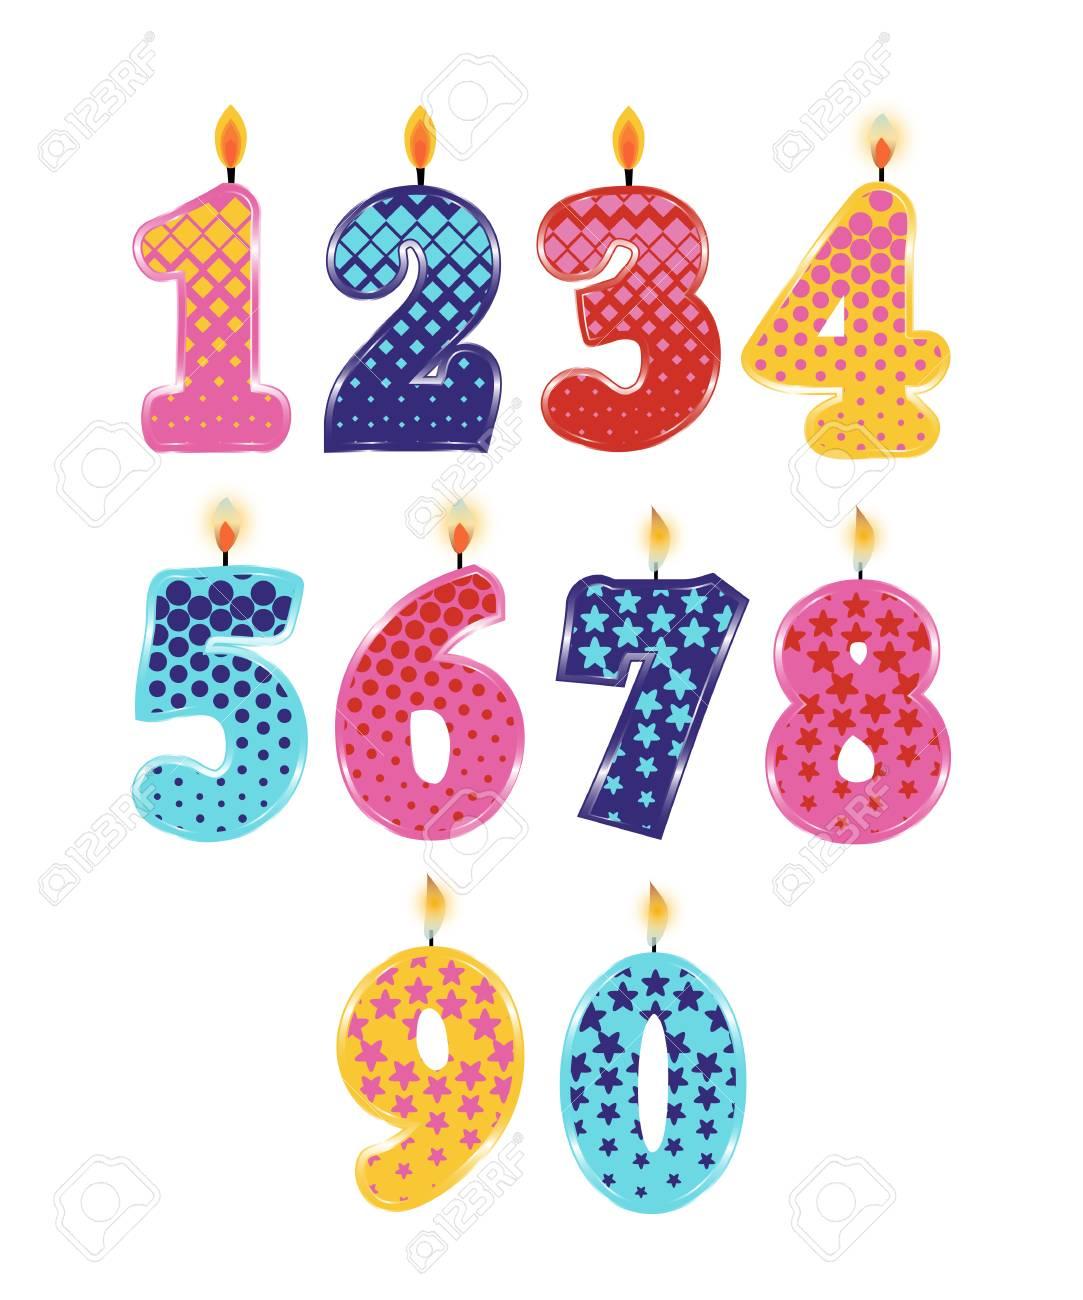 Largas Velas de Cumplea/ños con Soportes Dorado Champagne Velas Met/álicas Altas para Cupcakes para Bodas de Cumplea/ños Baby Shower Party Cake Decorations Supplies 24 Piezas Velas Cumplea/ños